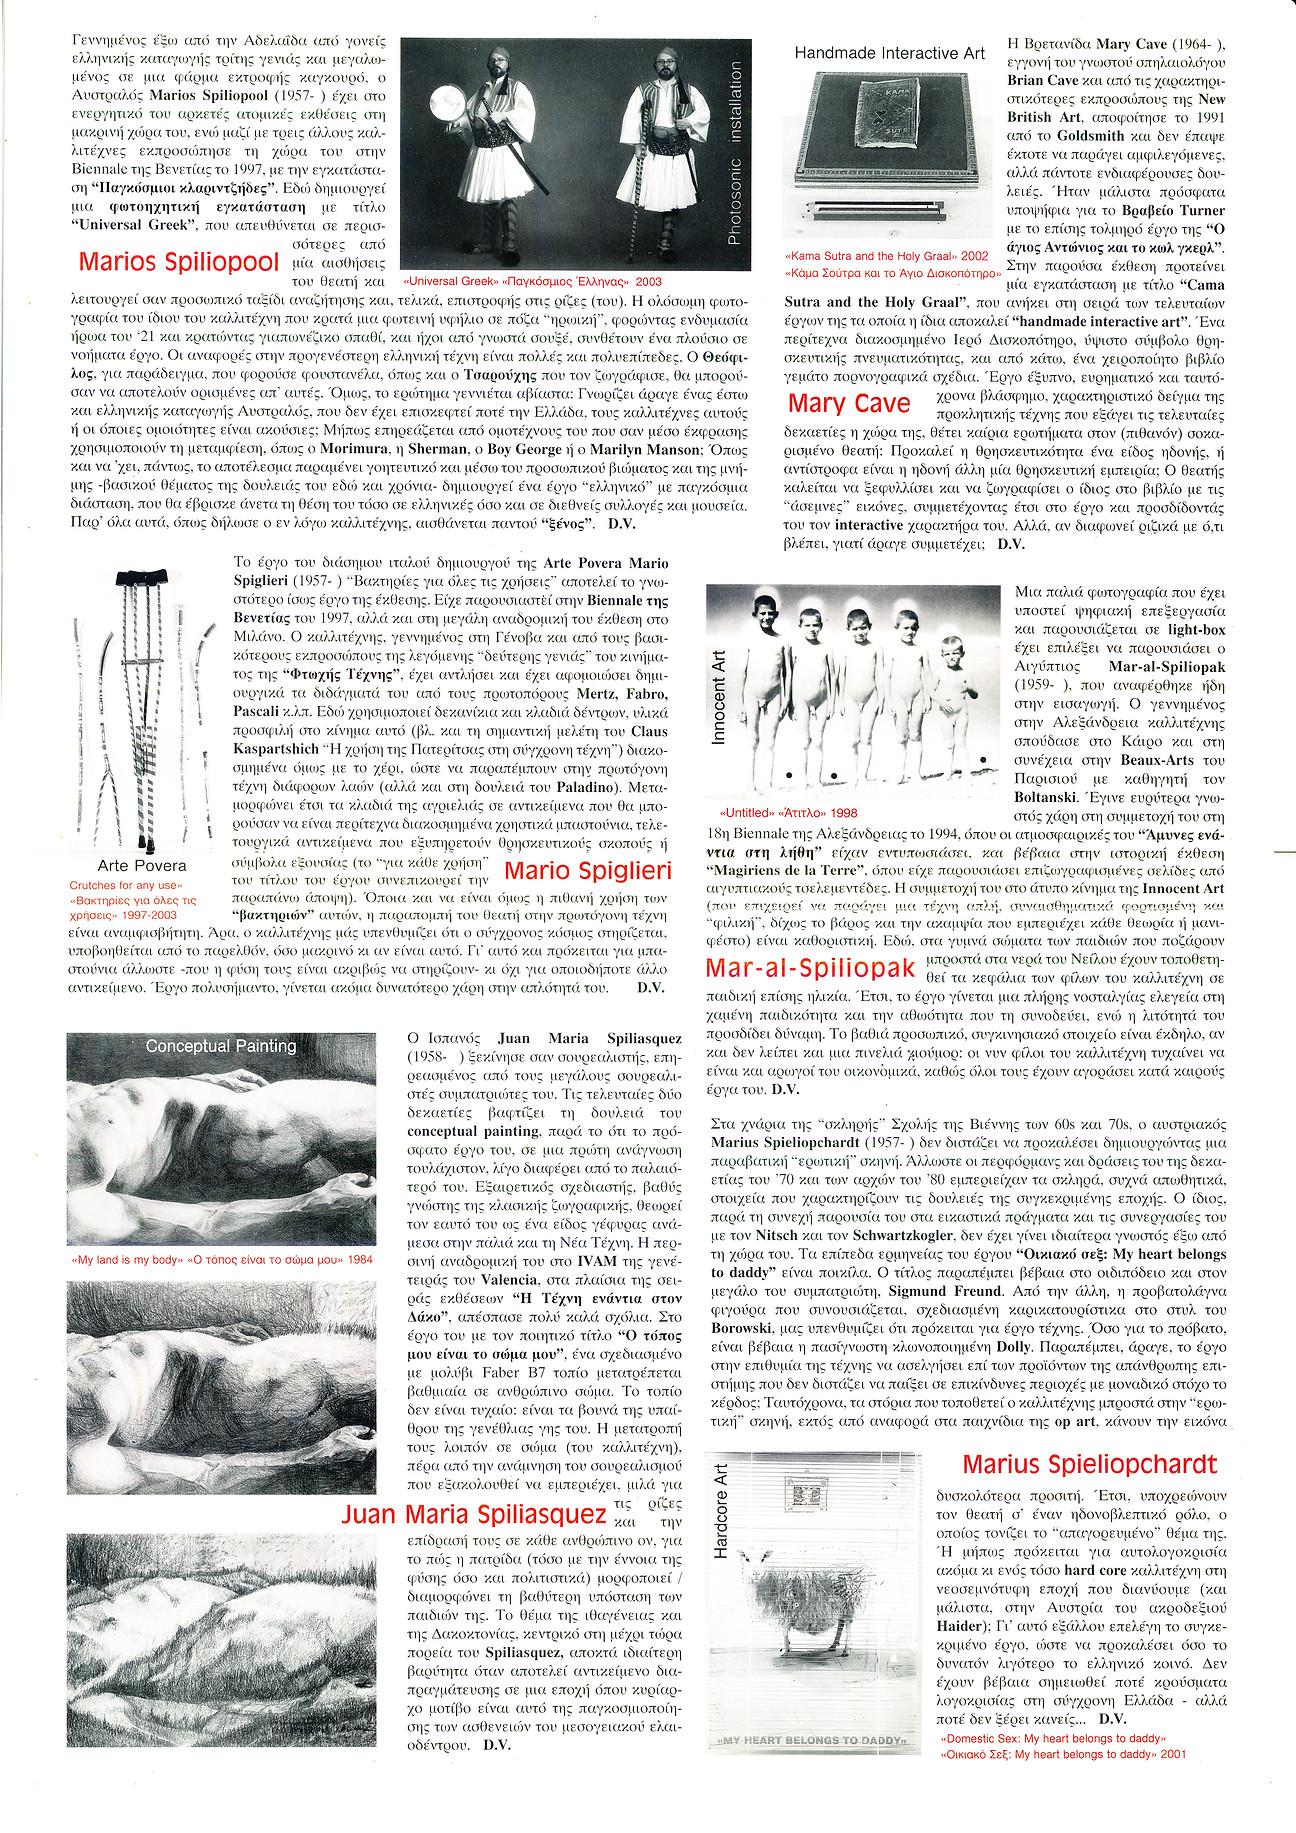 σελίδα 3 M.Spiliopoulos.jpg